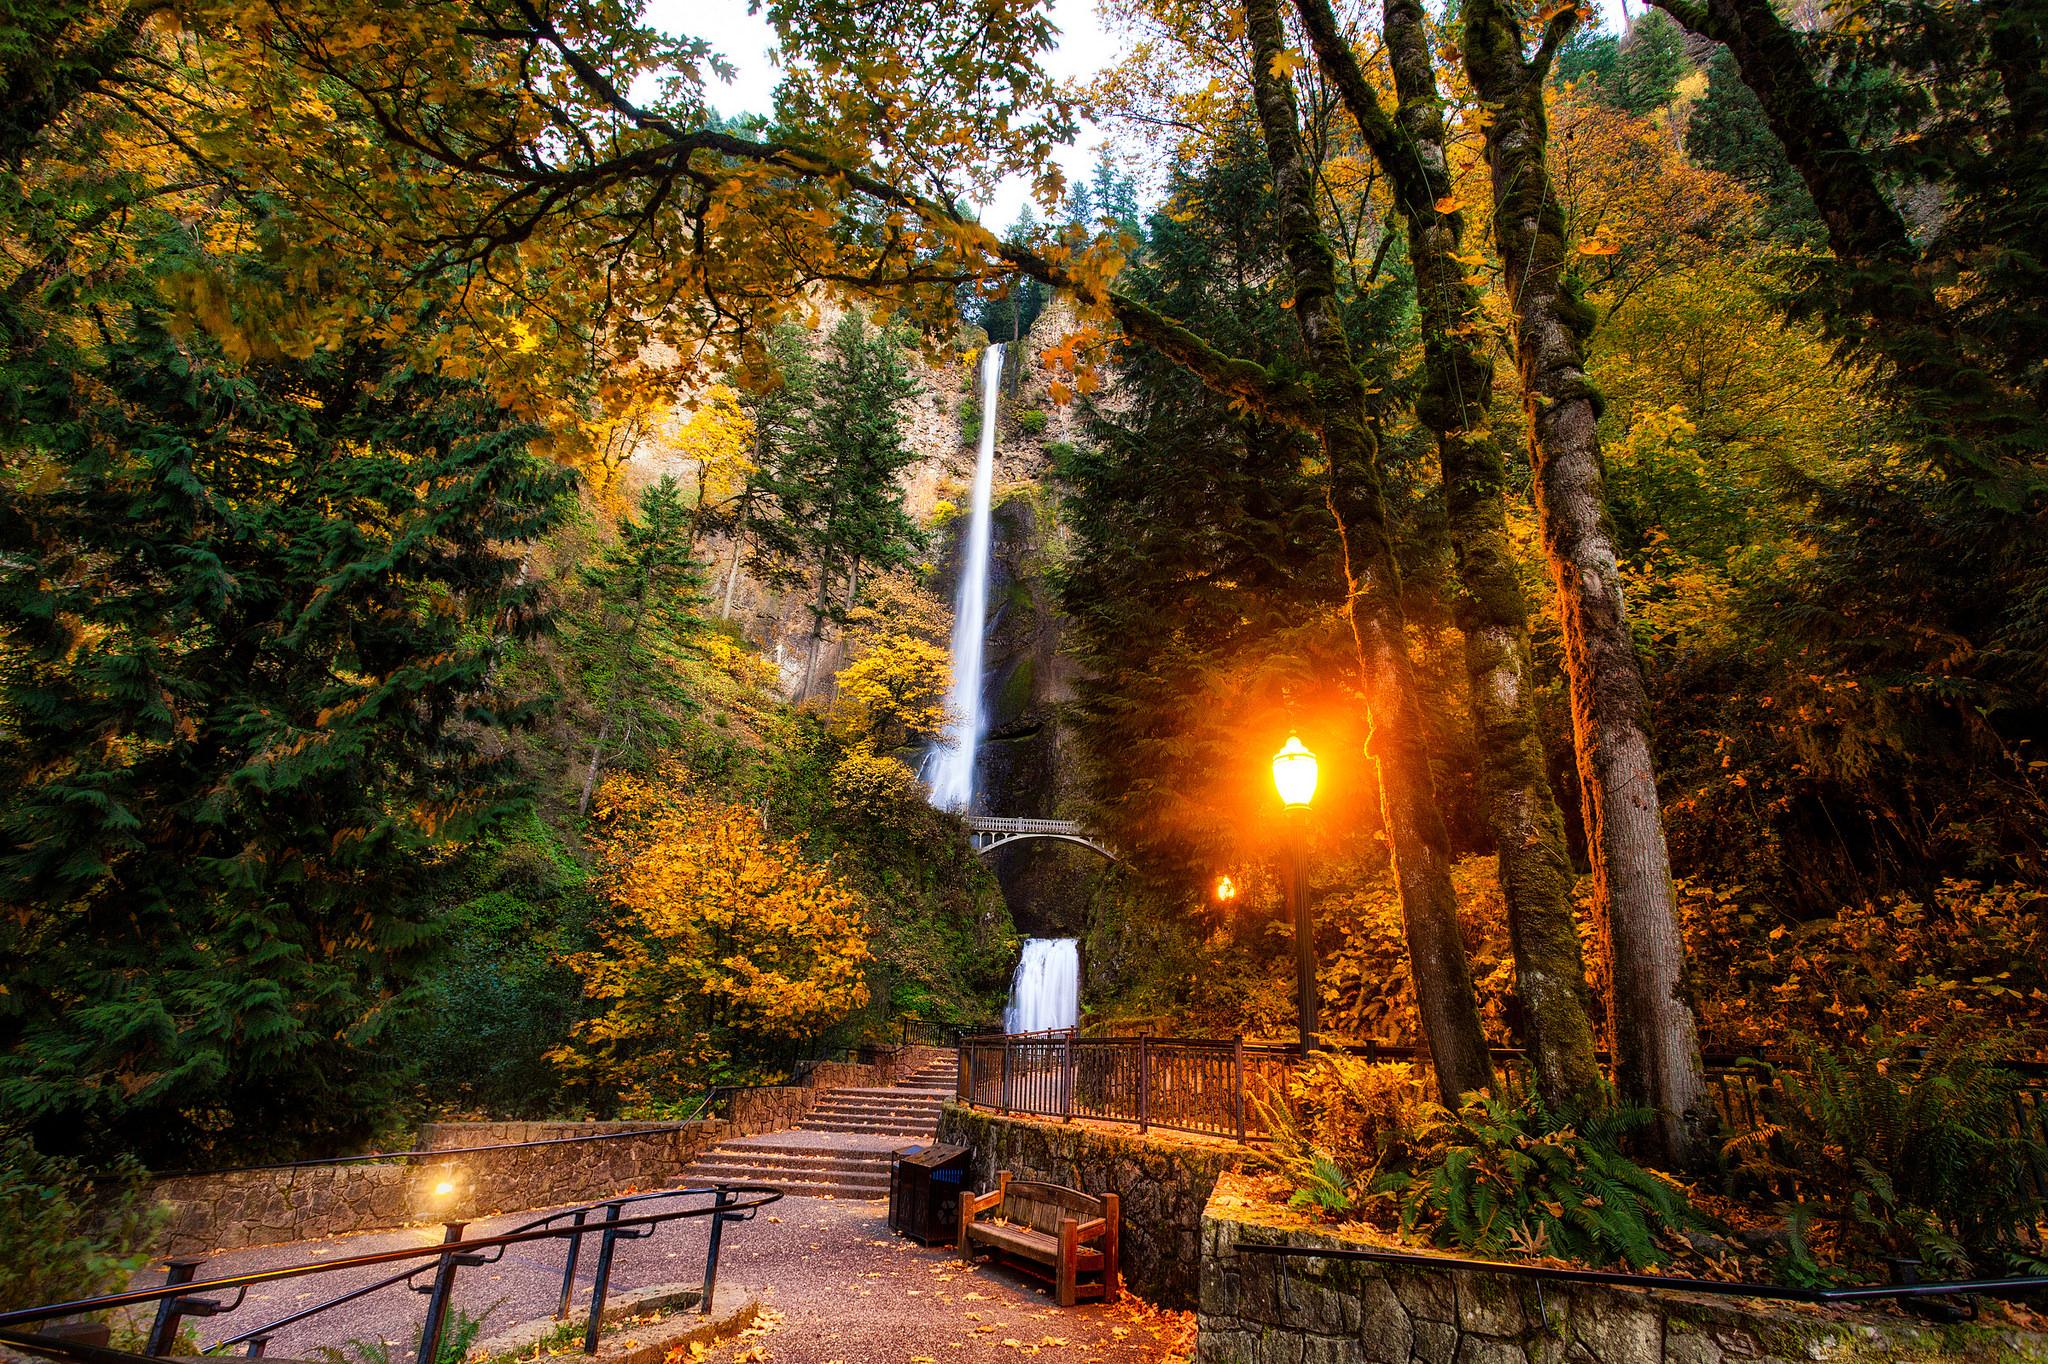 Fall Season Desktop Wallpaper Multnomah Falls The One Spot In Oregon That S Heaven On Earth